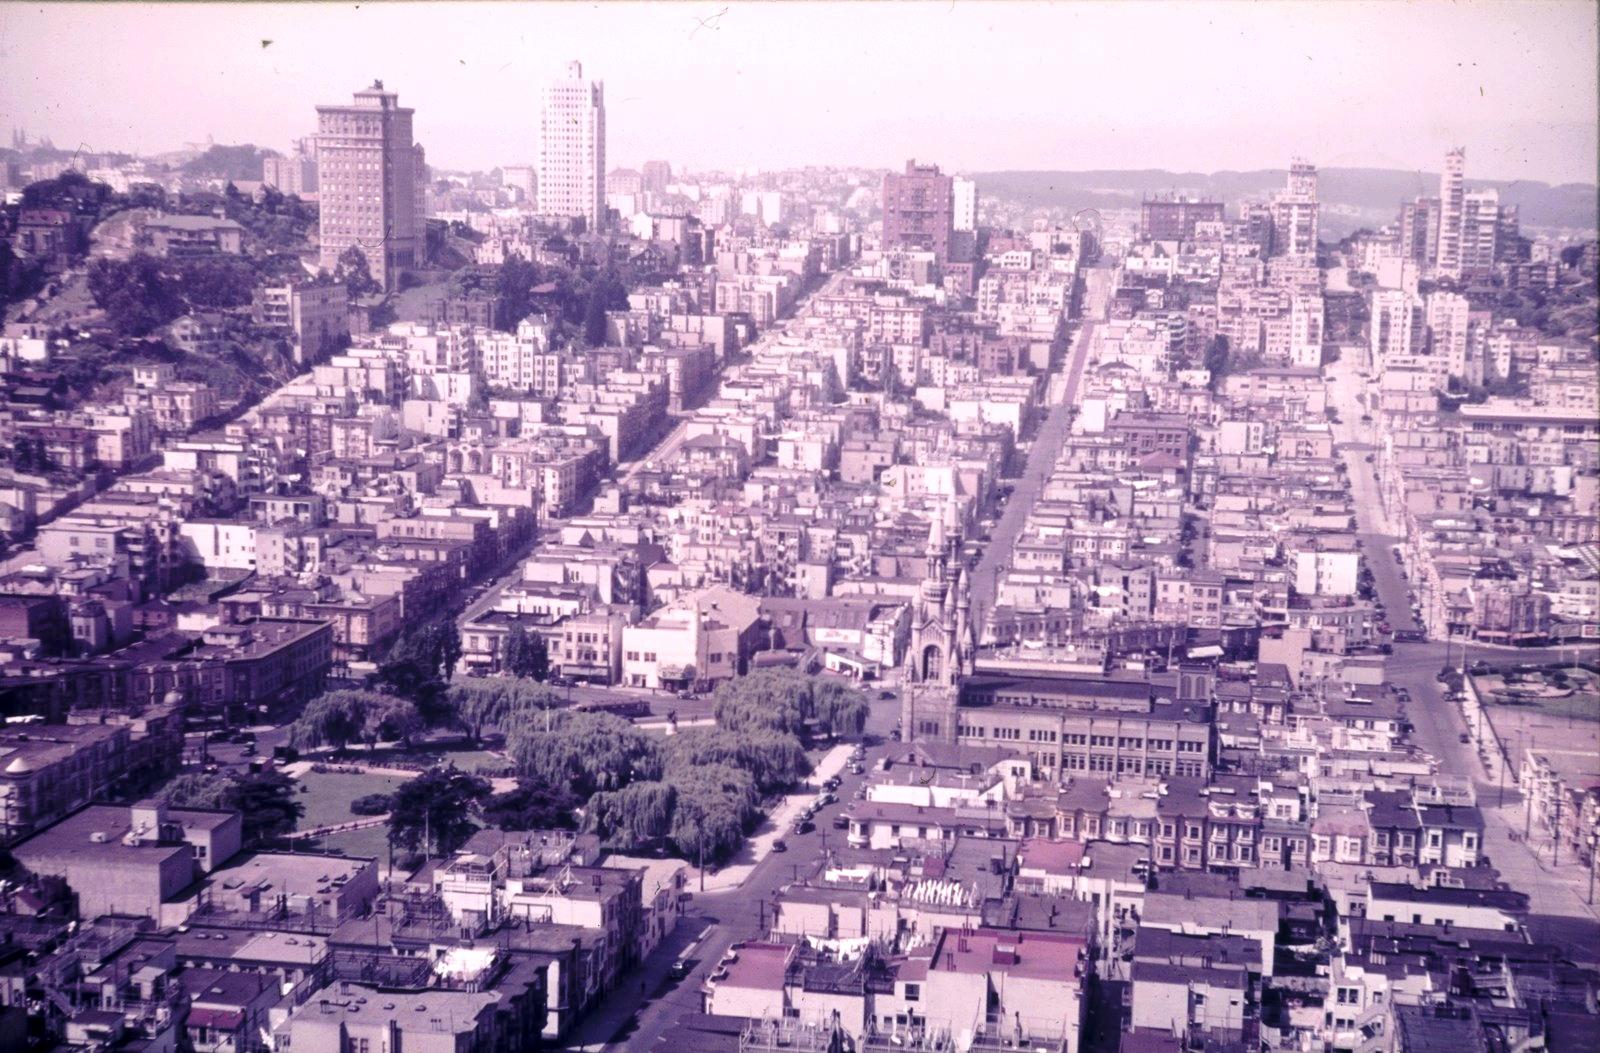 Сан-Франциско. Вид на Северный пляж с Вашингтонской площадью и церковью Св. Петра и Павла с Телеграф Хилл